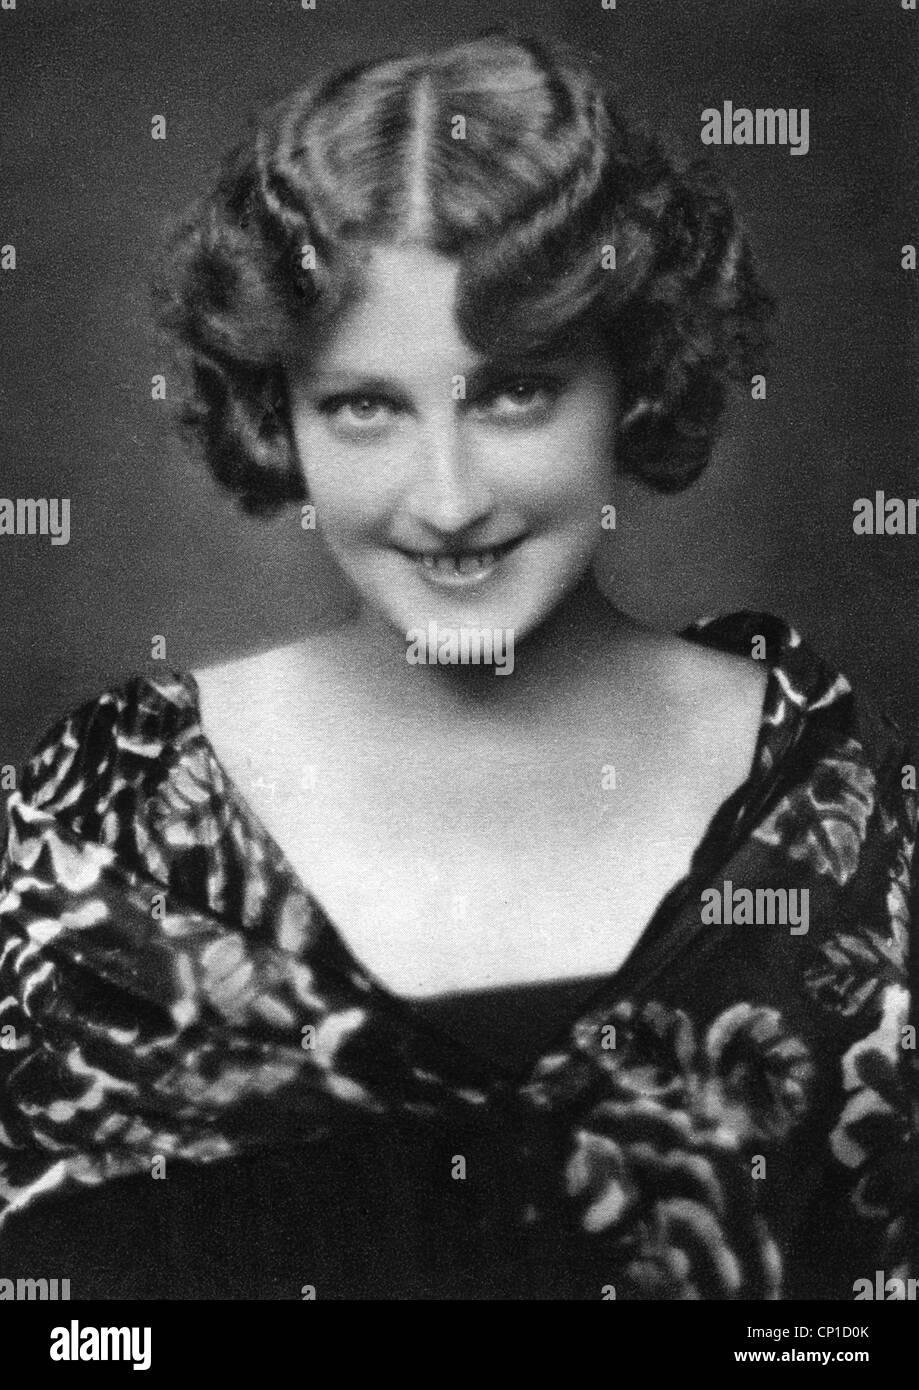 woman 1930s hair stock photos & woman 1930s hair stock